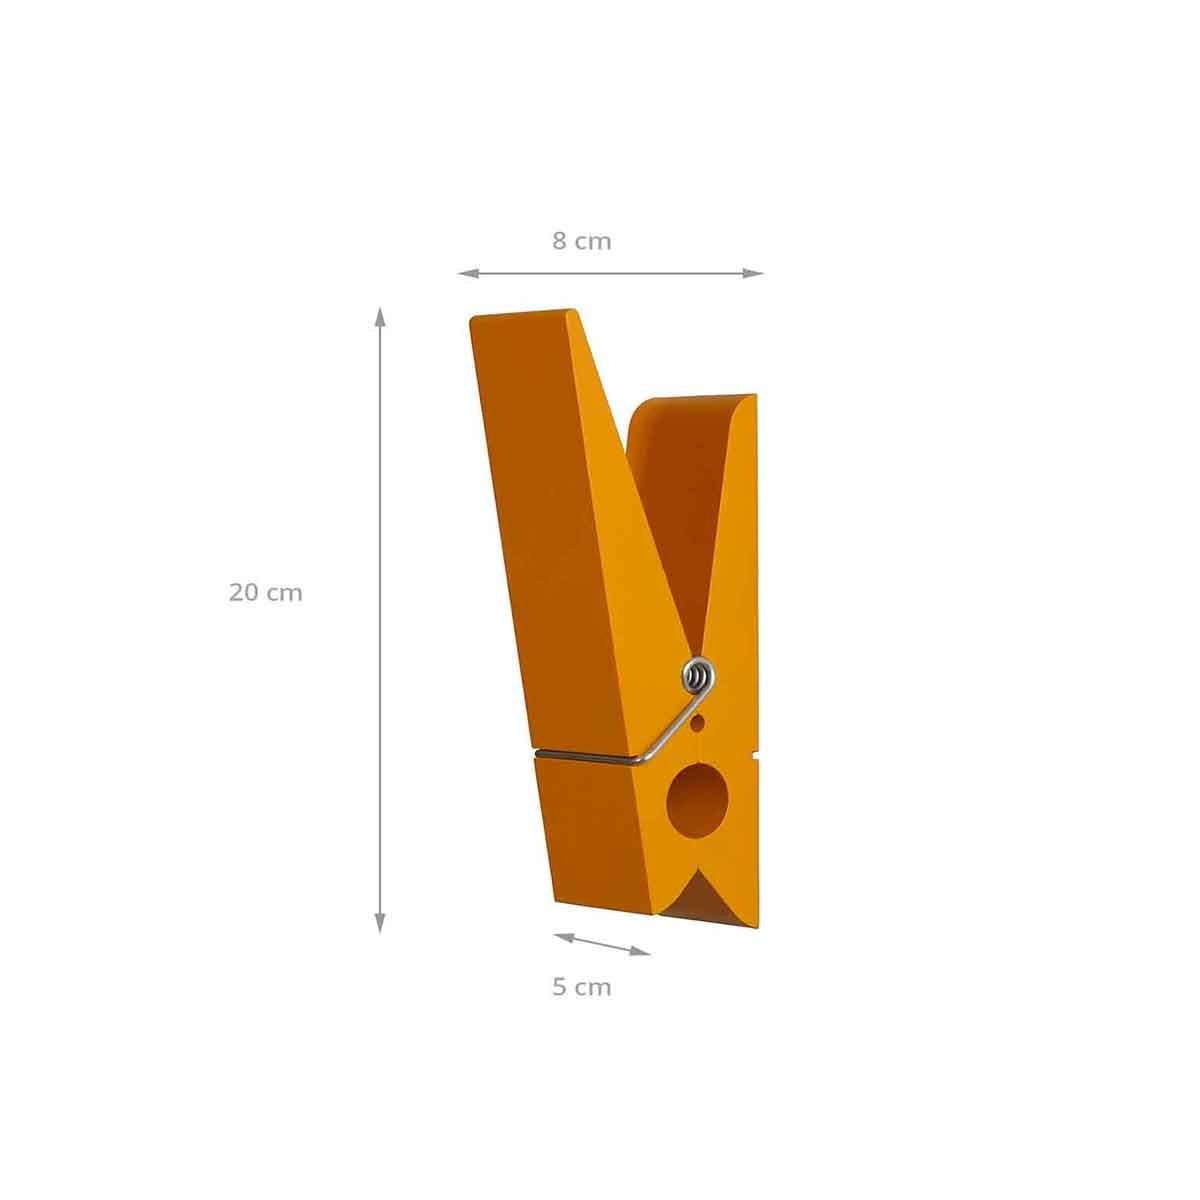 Patere exterieur et interieur en forme de pince orange for Taille porte interieure